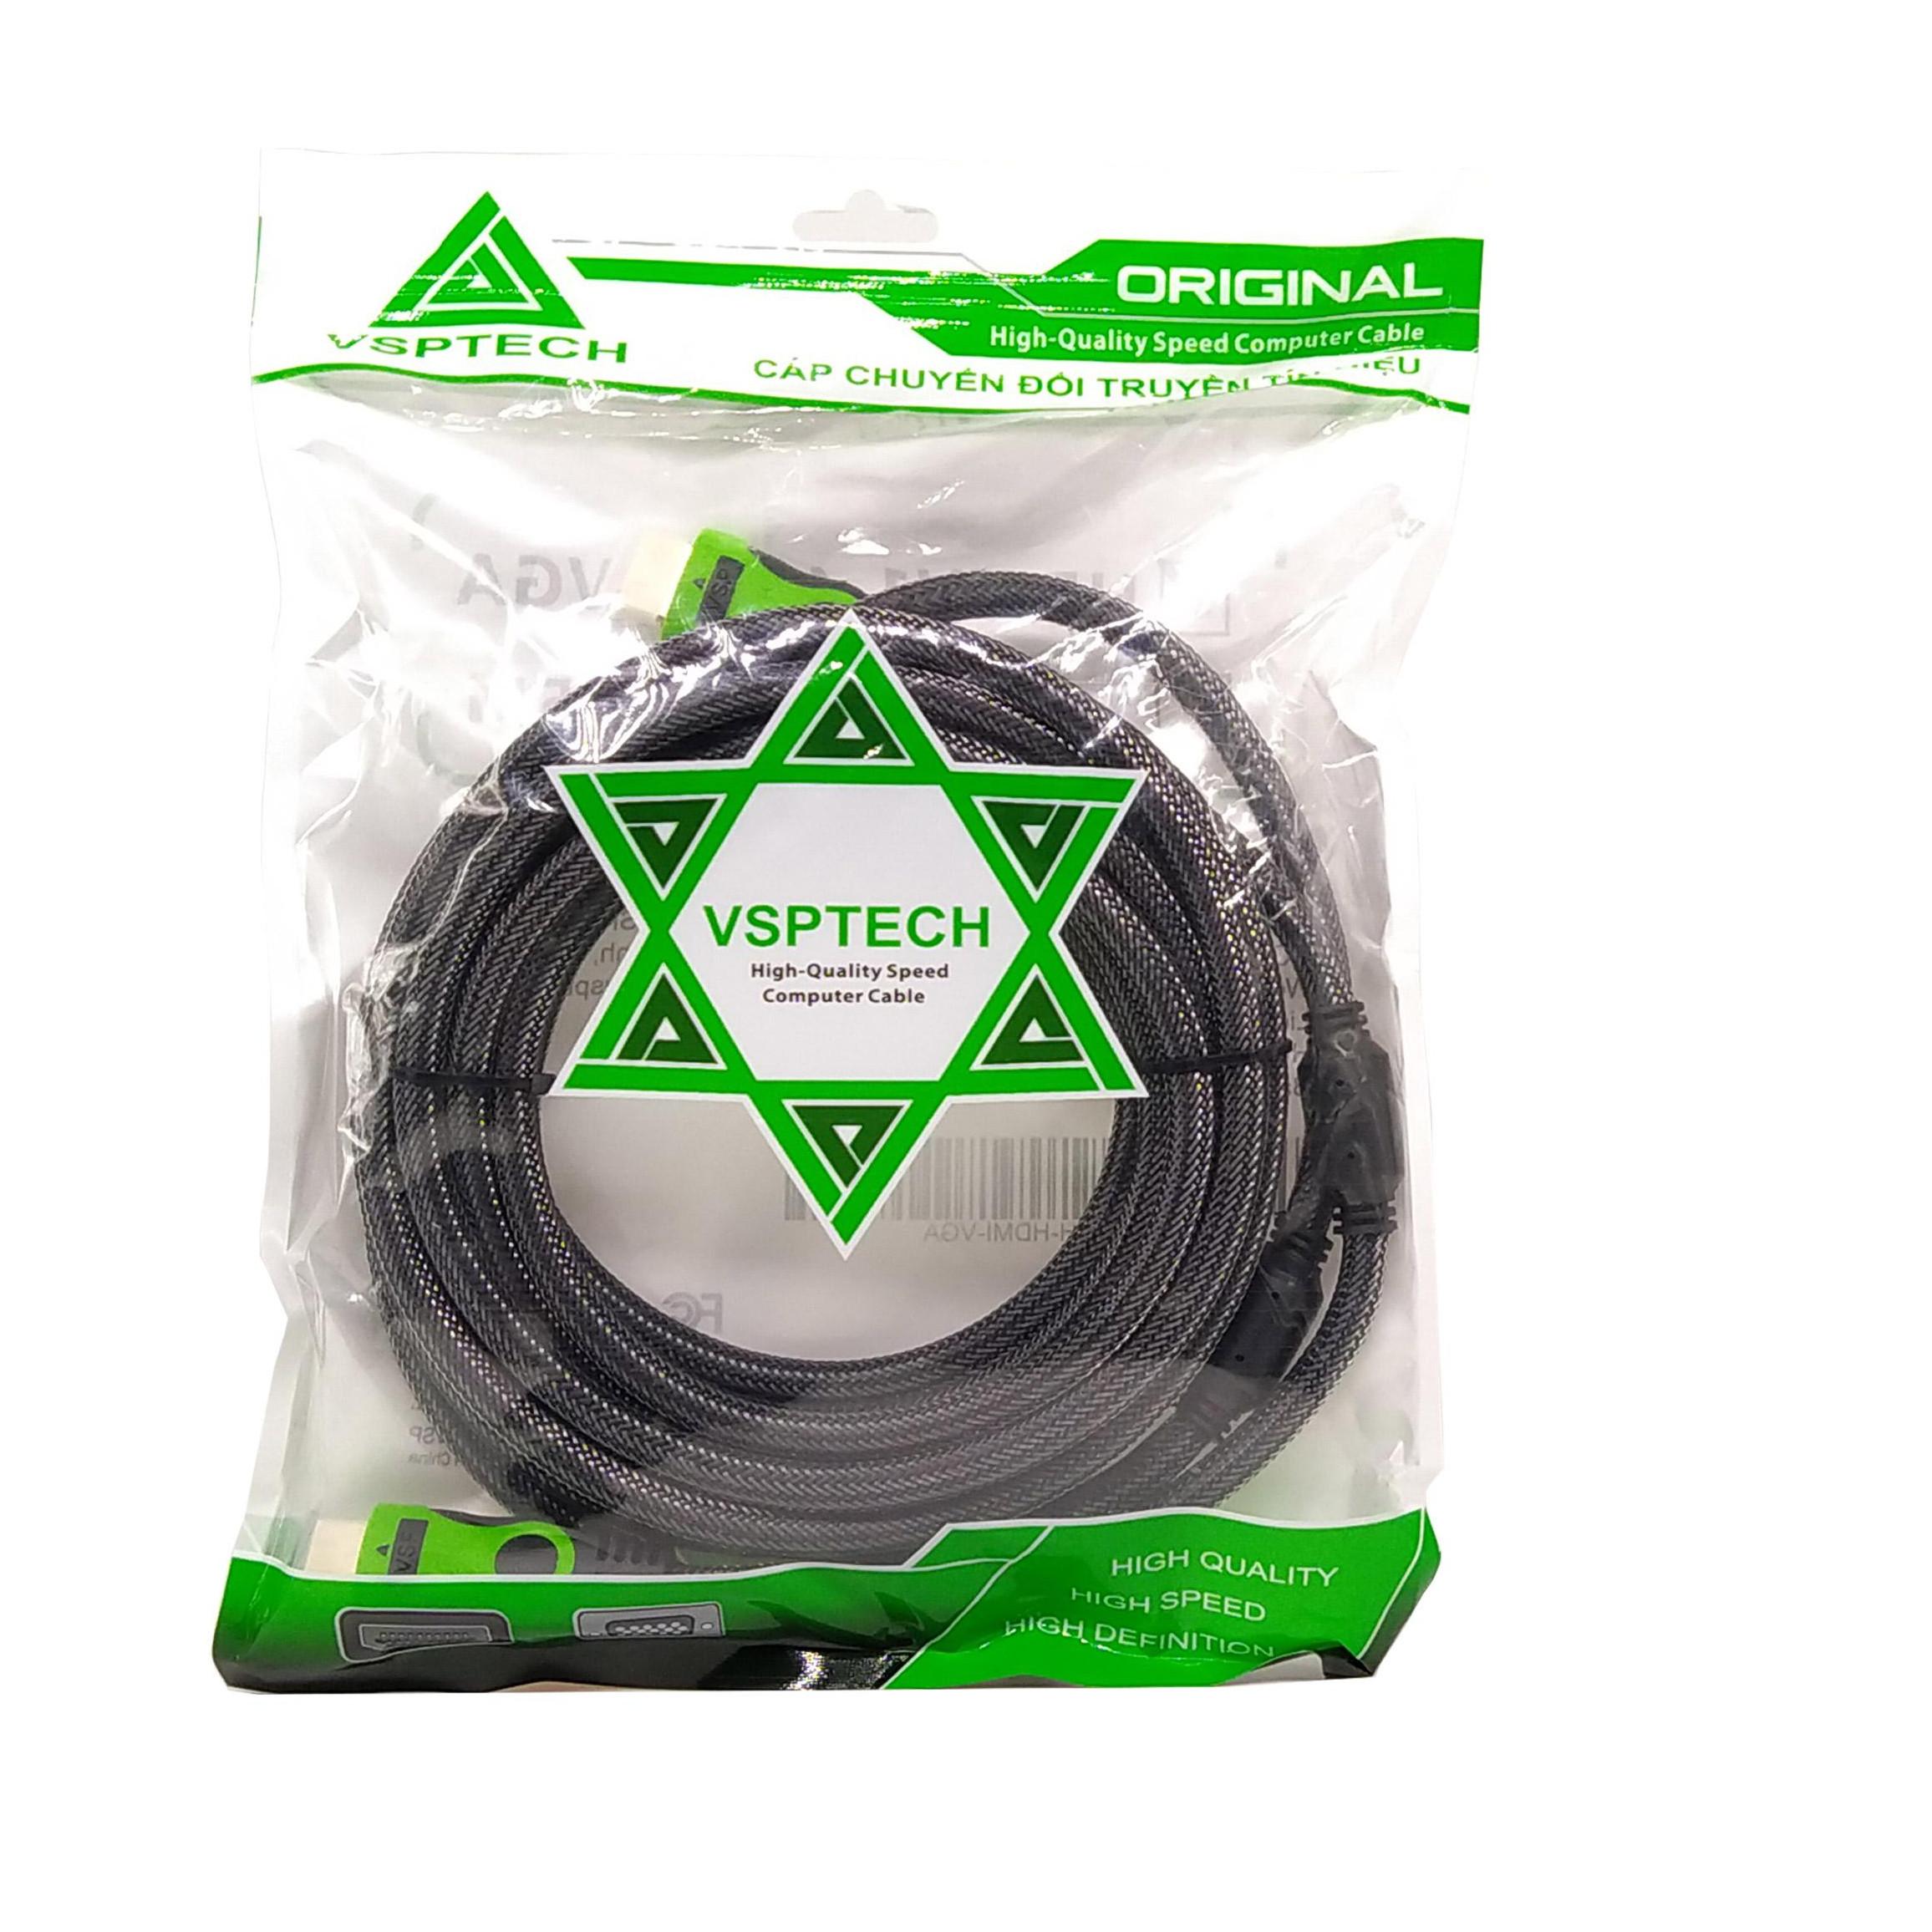 Cáp HDMI VSPTECH (1.4V) dài 1.5m bọc lưới đen - Hàng chính hãng